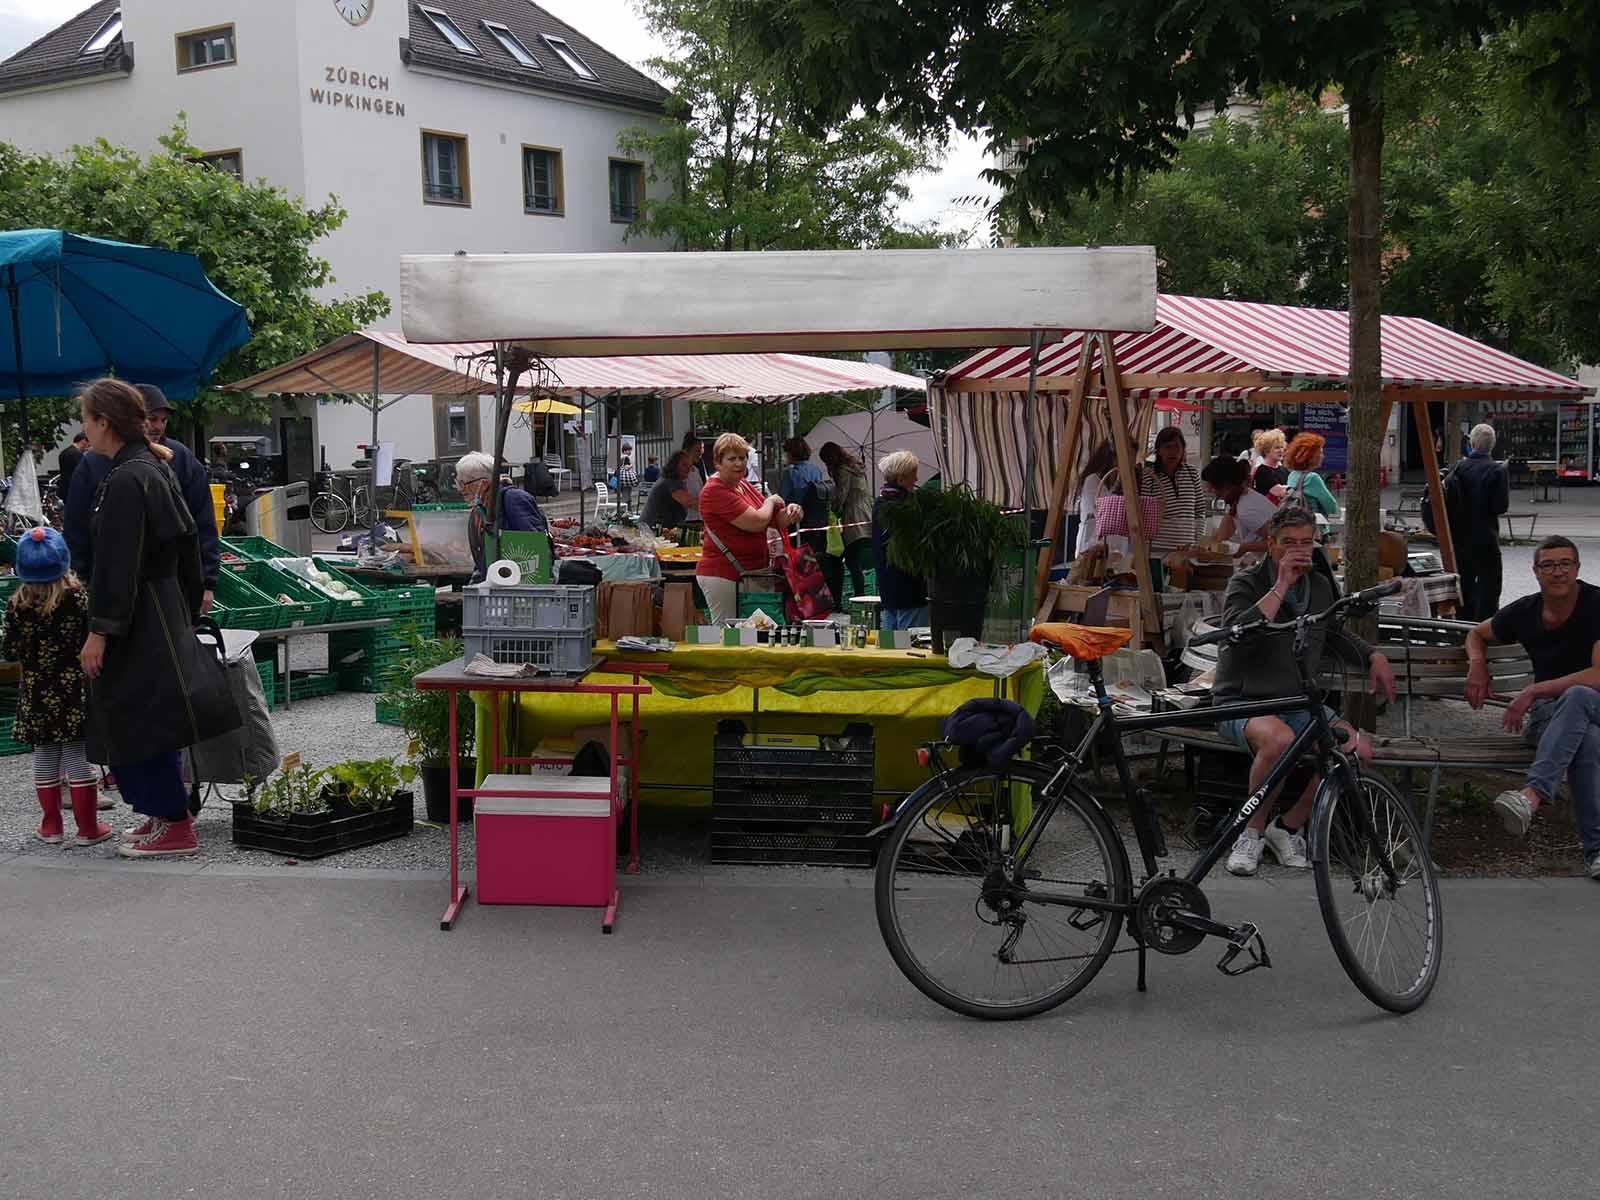 Mehr Kundschaft als zuvor: Endlich ist der Frischwarenmarkt wieder offen.